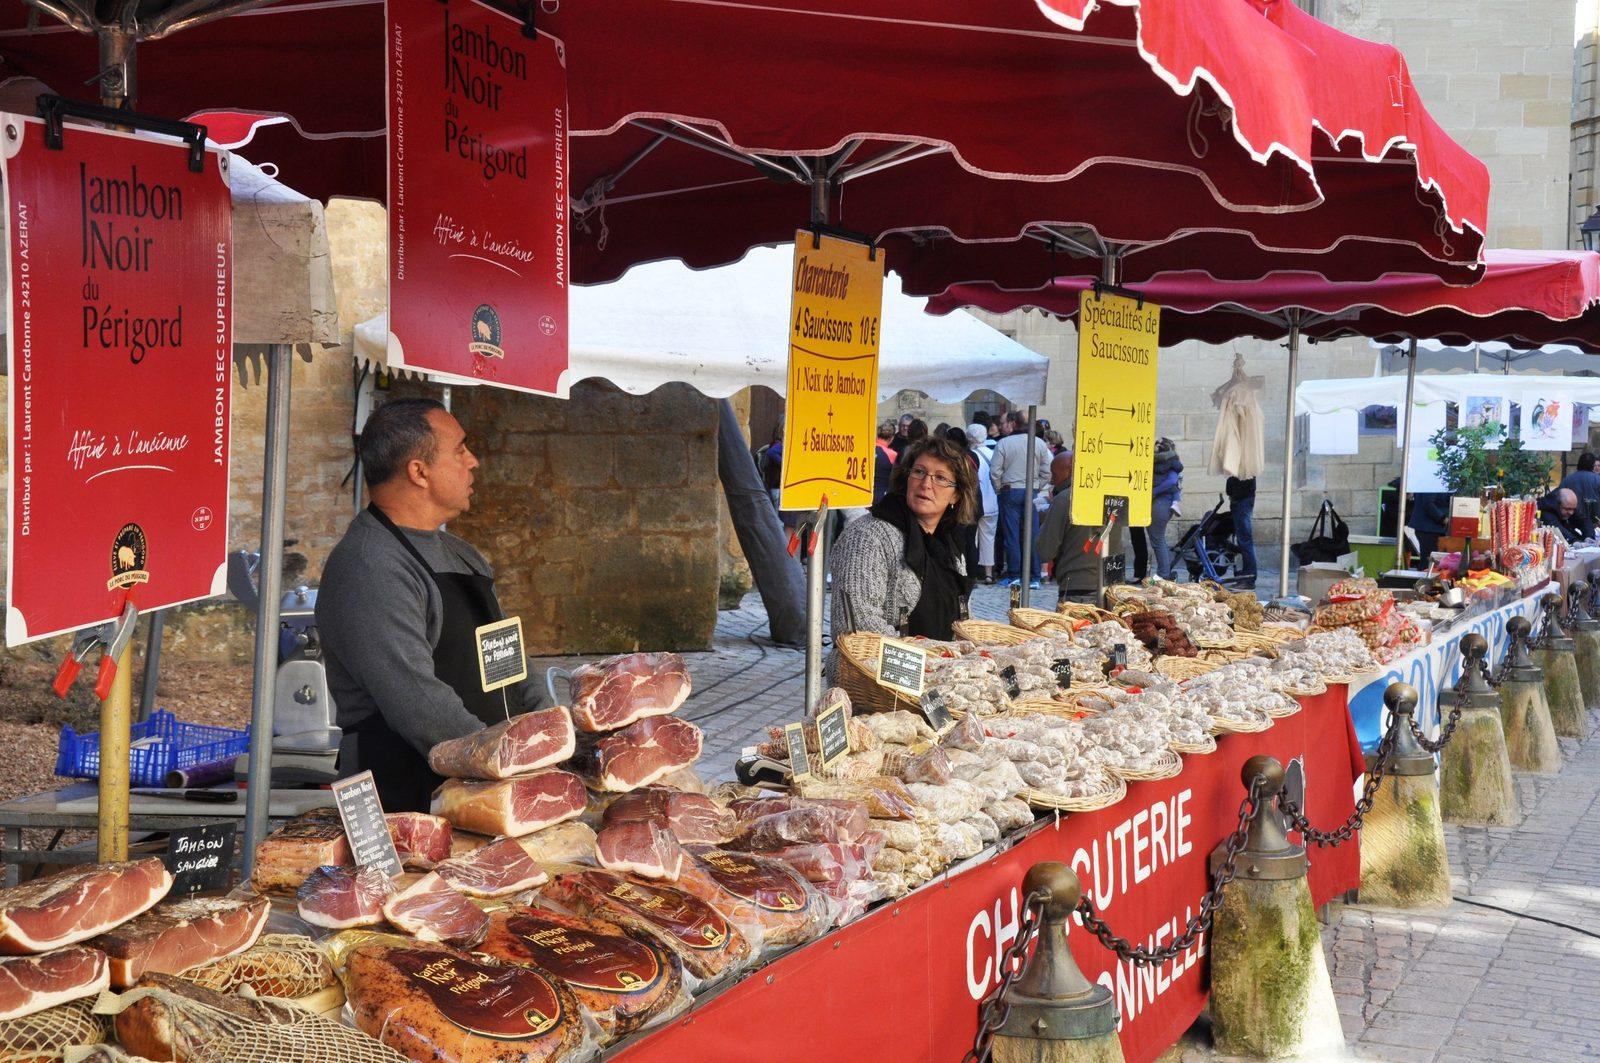 bezoek een markt tijdens je vakantie in de Dordogne